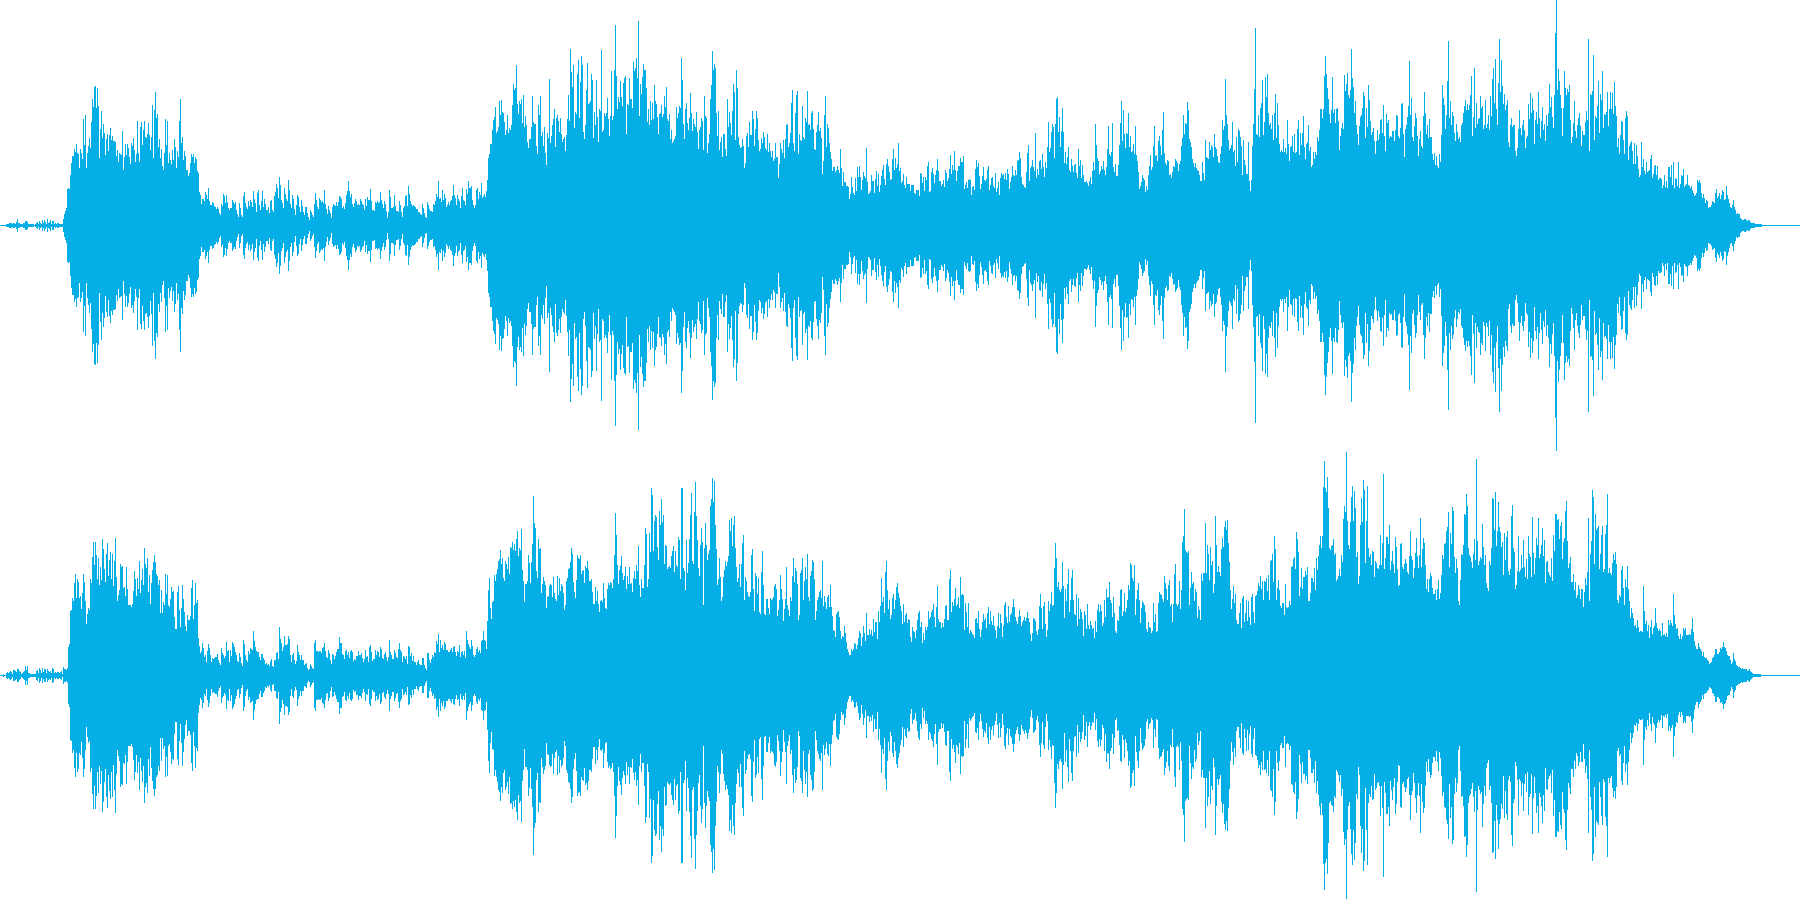 早朝の清々しさを感じる曲/バイオリ生演奏の再生済みの波形